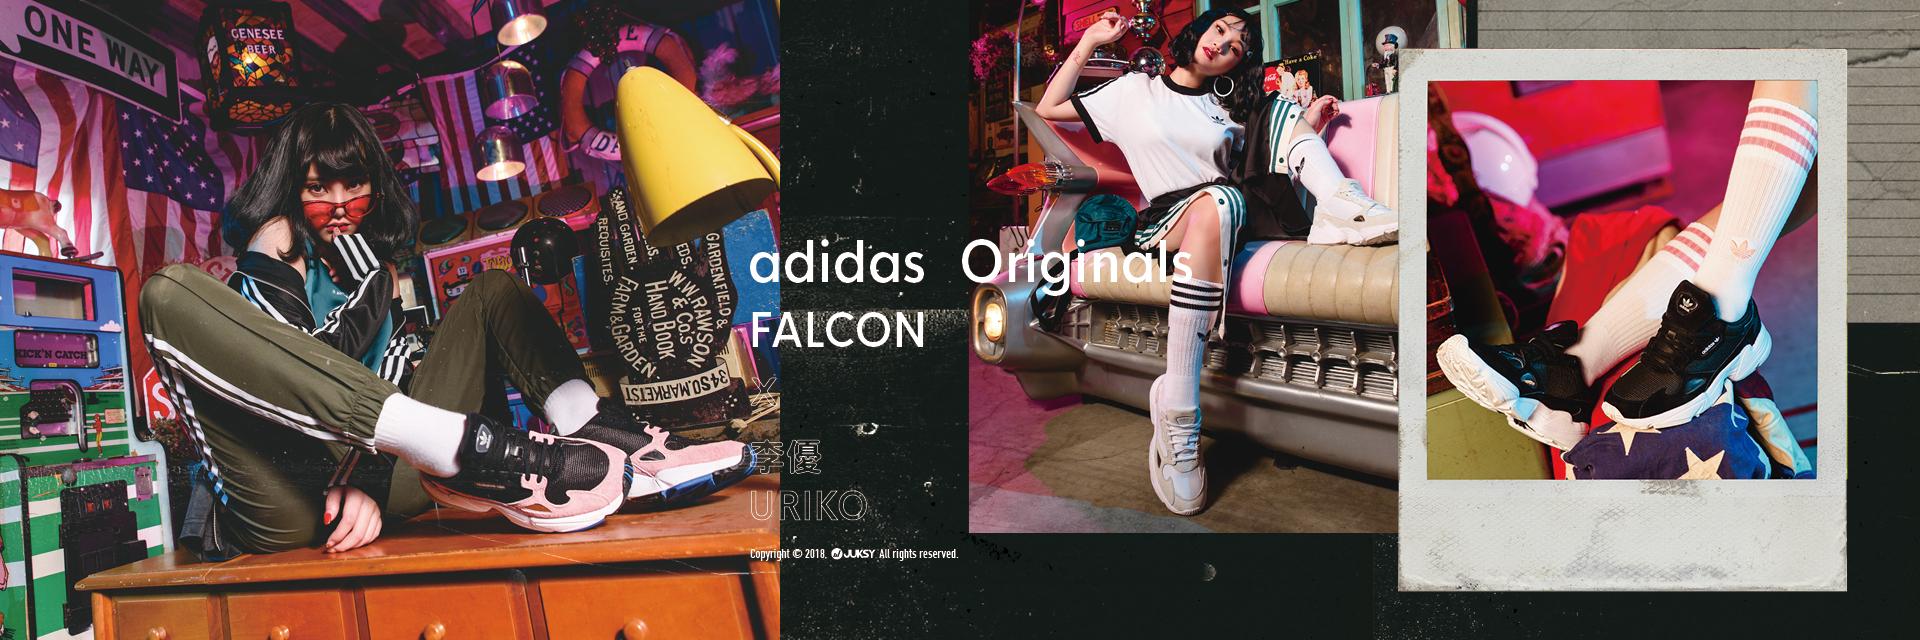 《迷惘美》拒絕迷惘!李優大膽挑戰 90 復古穿搭,adidas Originals Falcon 潮流氣勢全開!